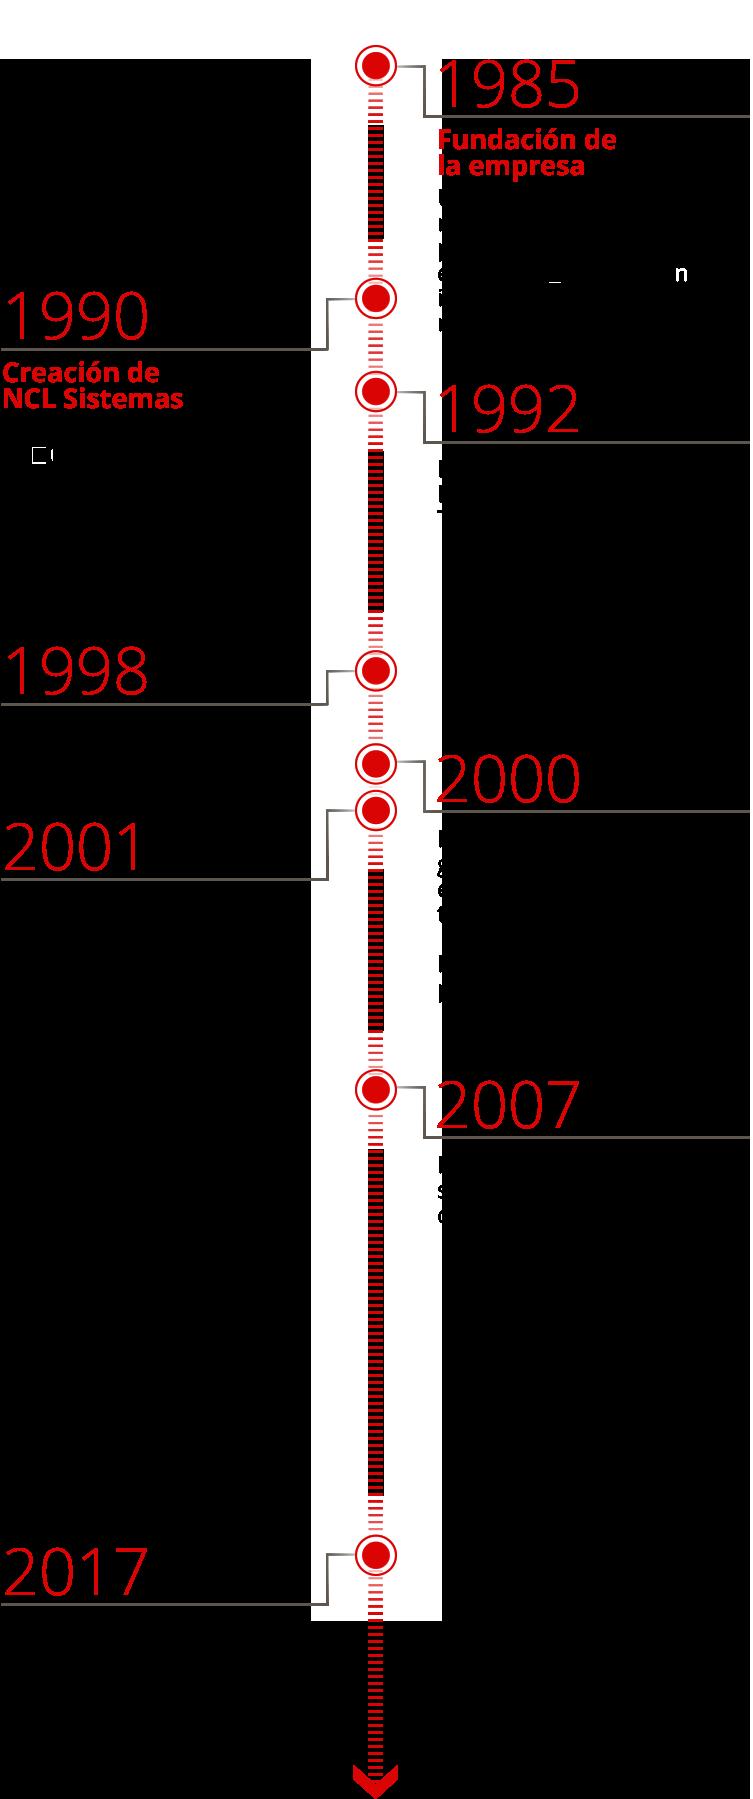 Historia Linea de tiempo NCL